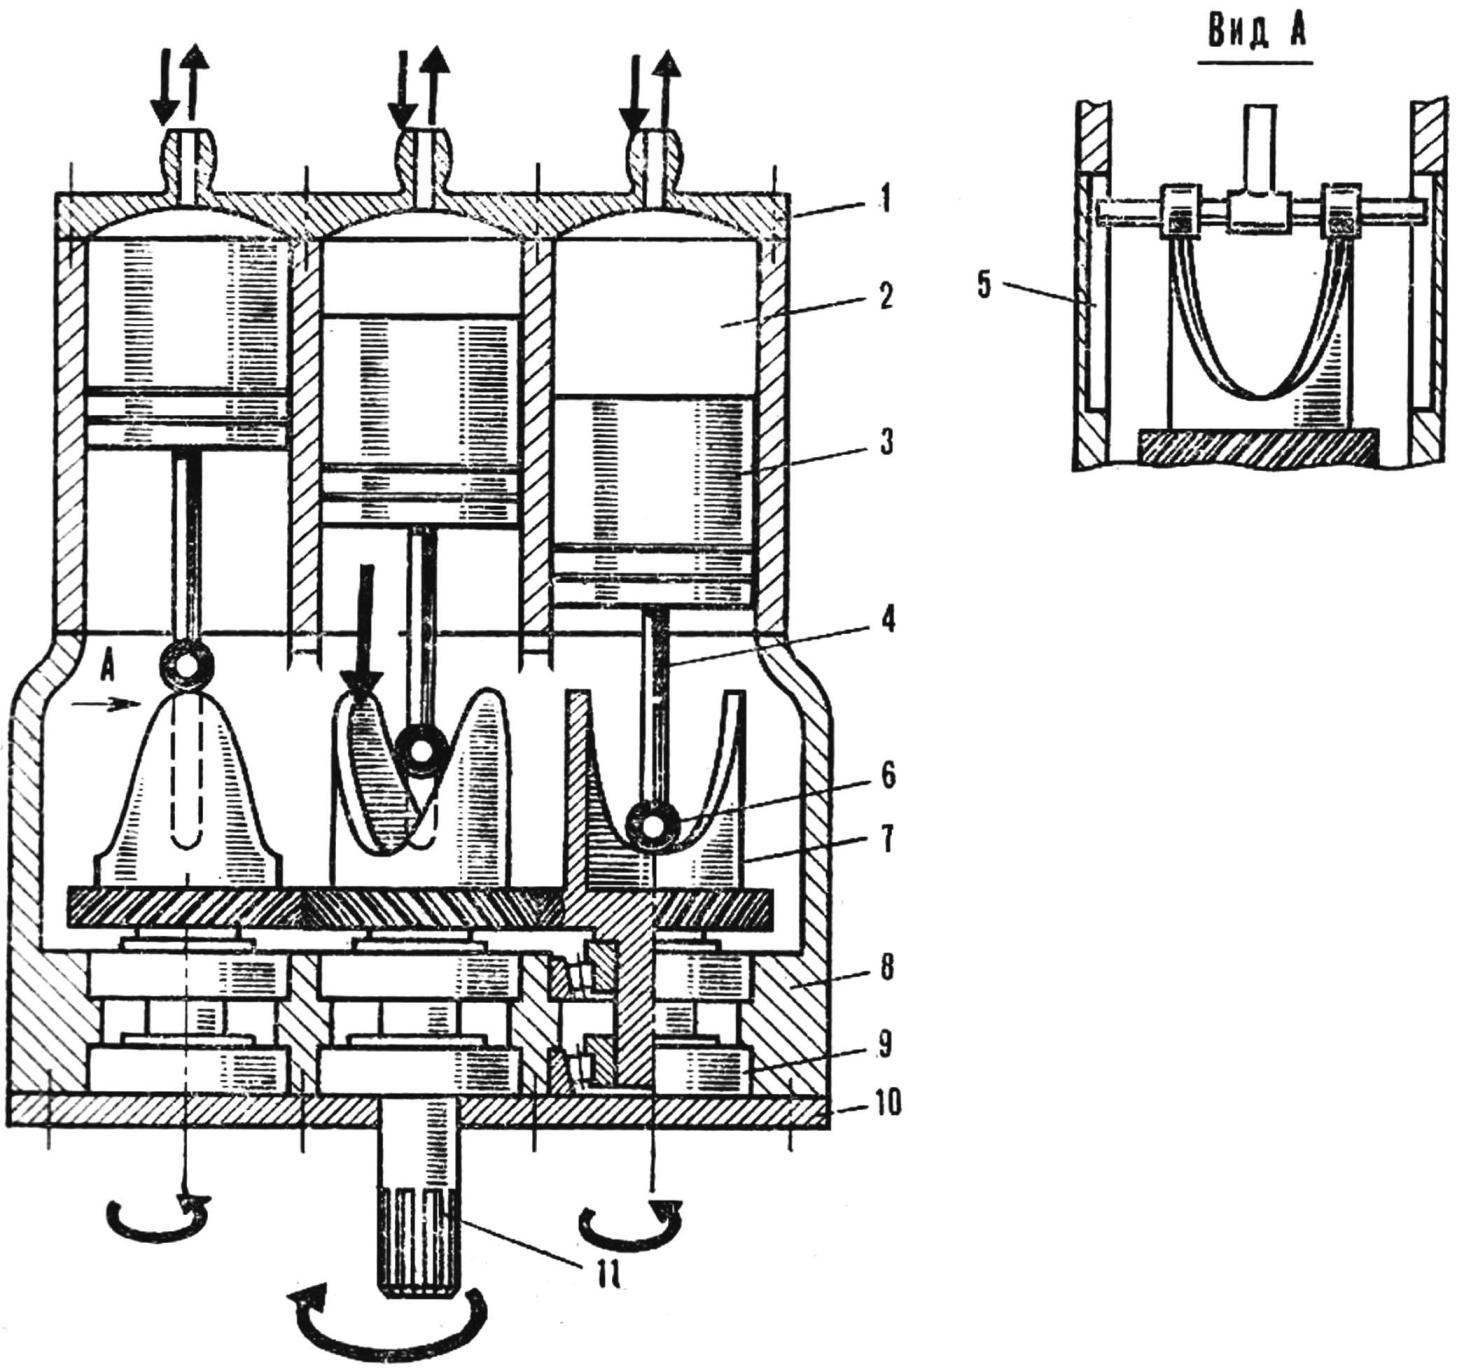 Рис. 4. Схема кулачково-поршневого двигателя